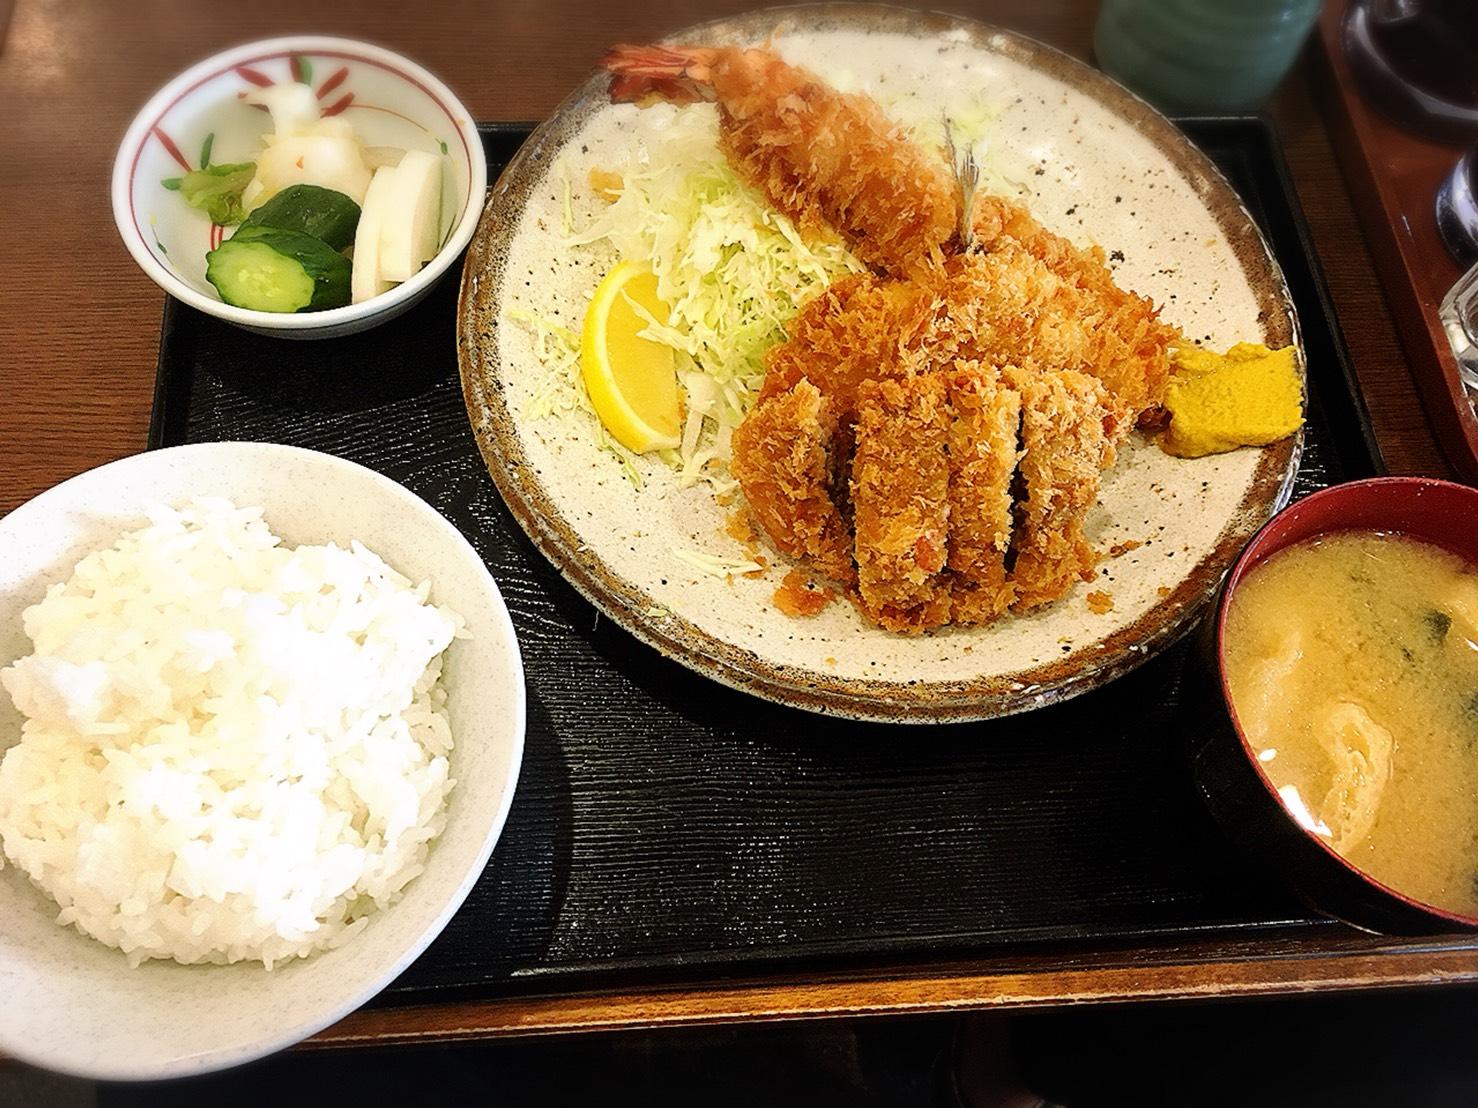 【巣鴨駅】大人気「ときわ食堂」が美味しくてハマった報告のミックスフライ定食